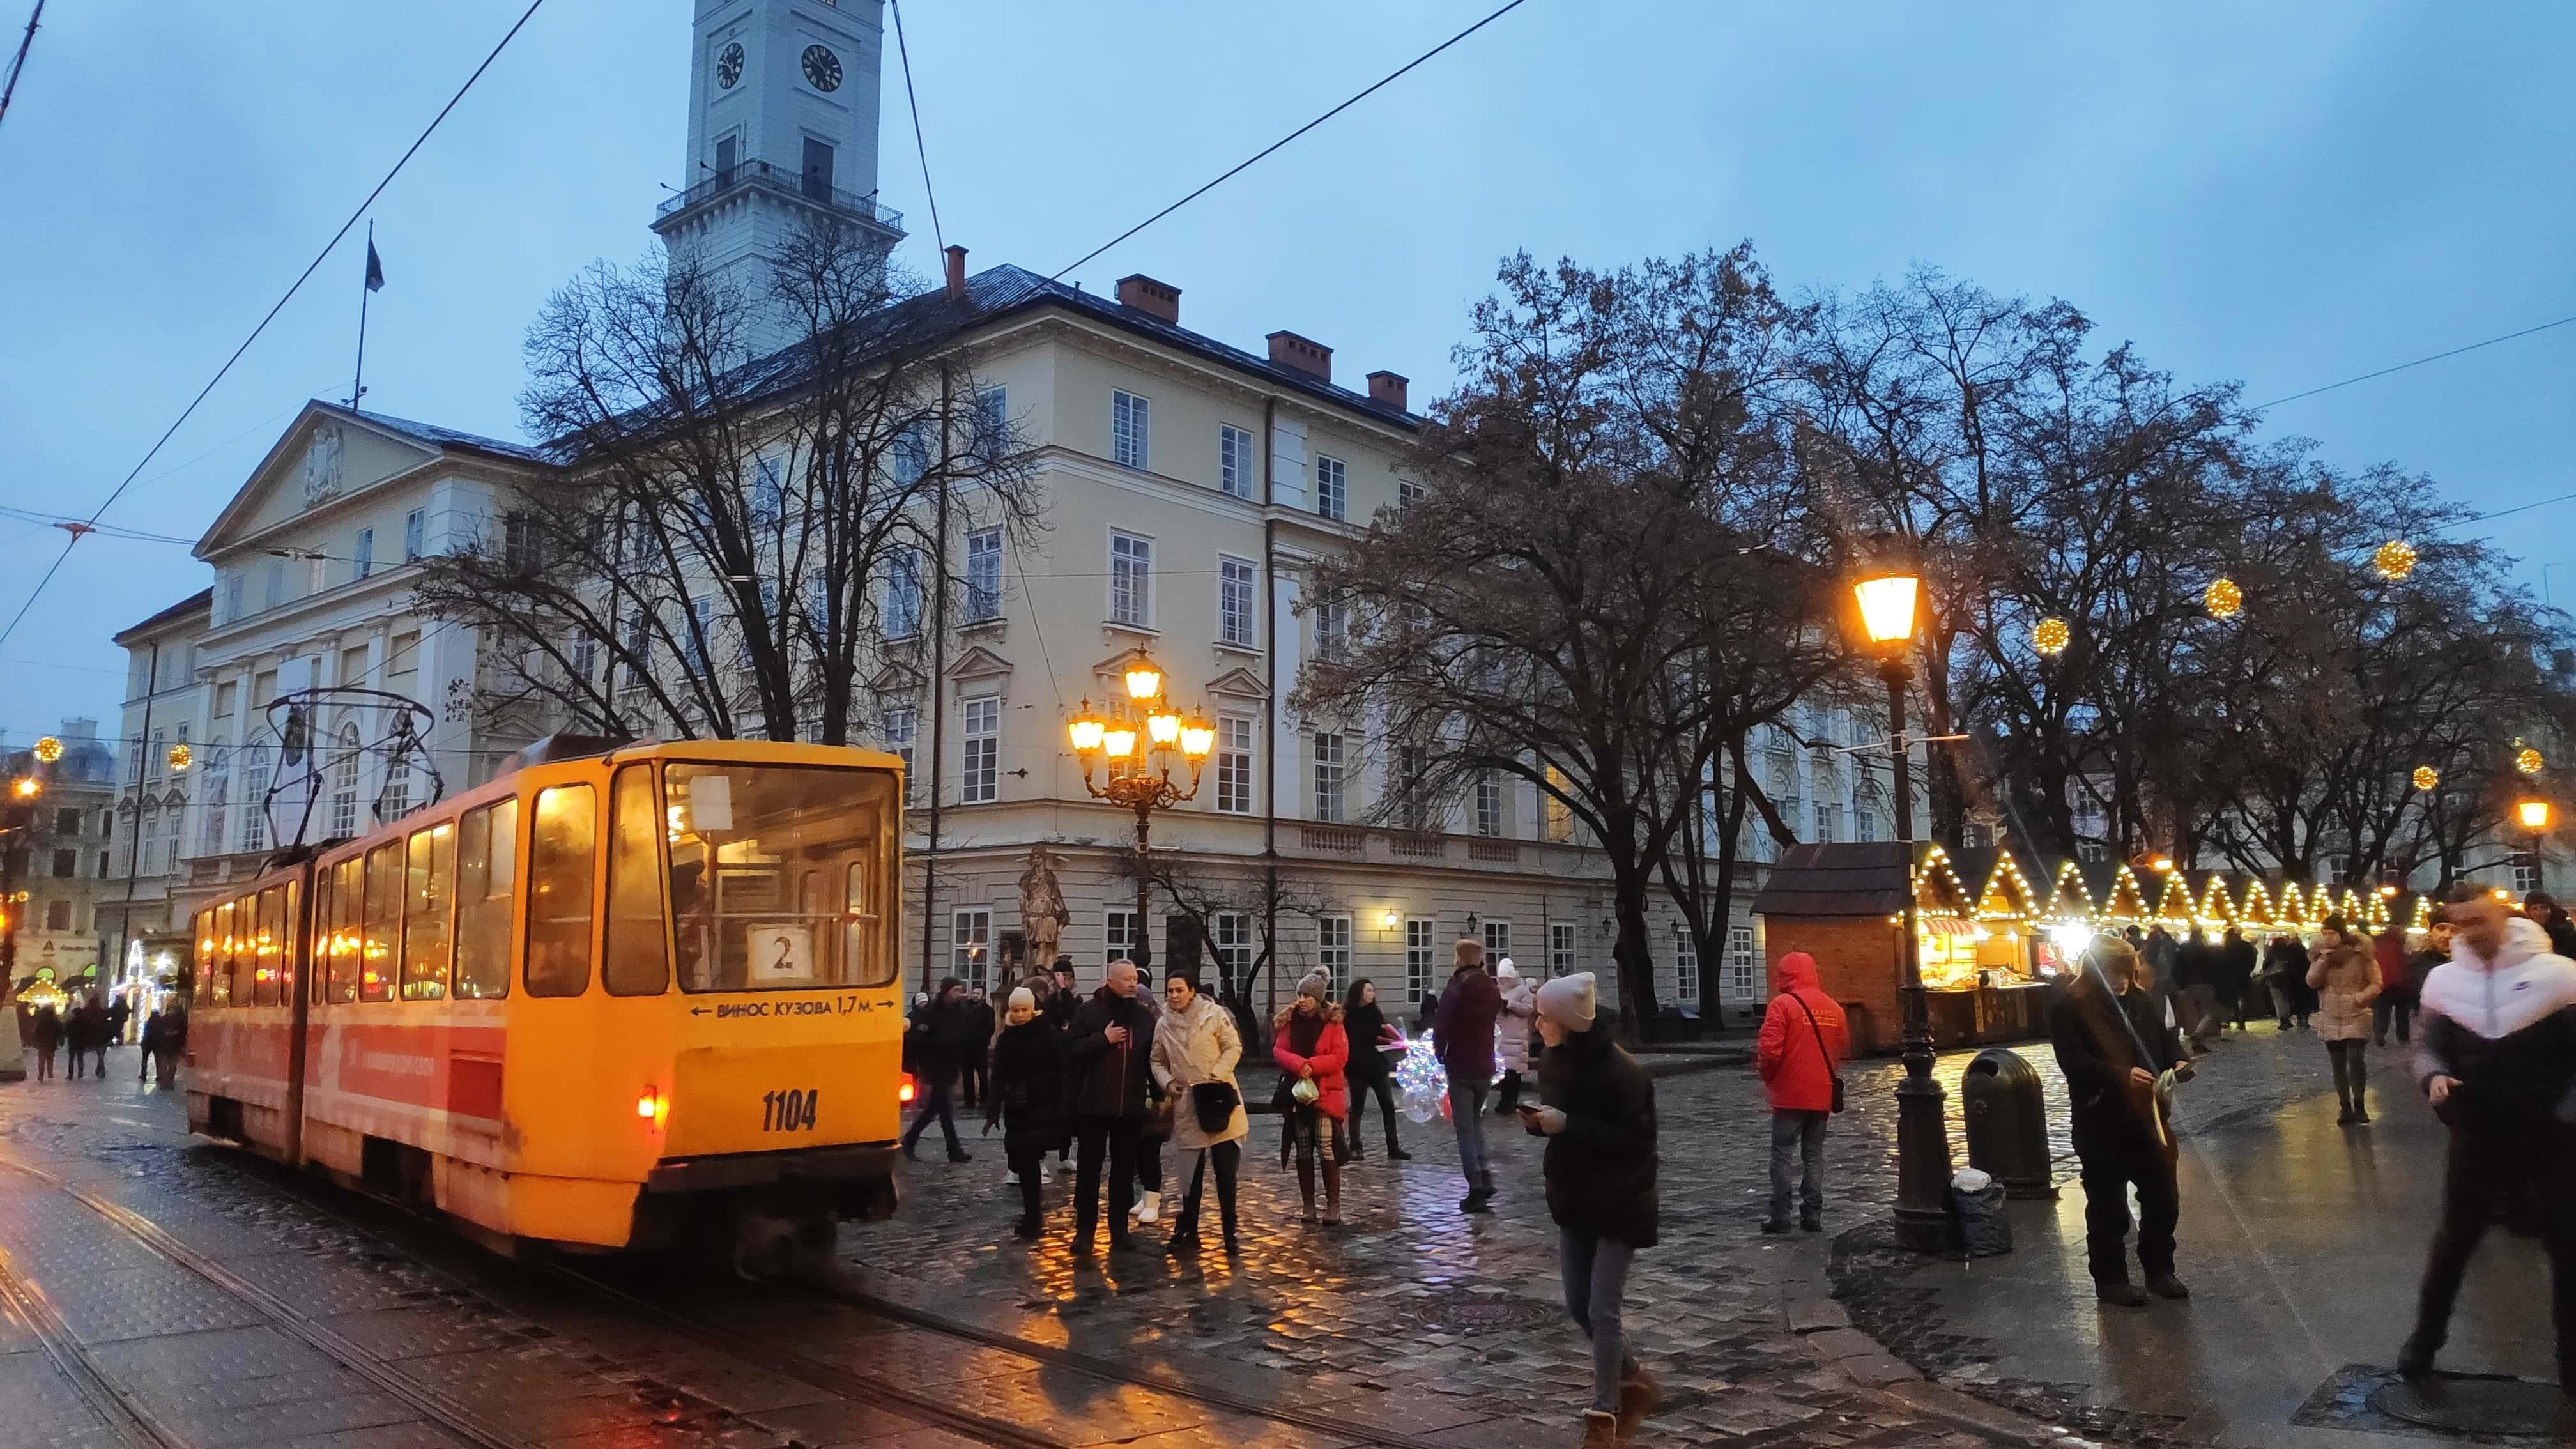 Straßenbahn in Lviv in der Ukraine